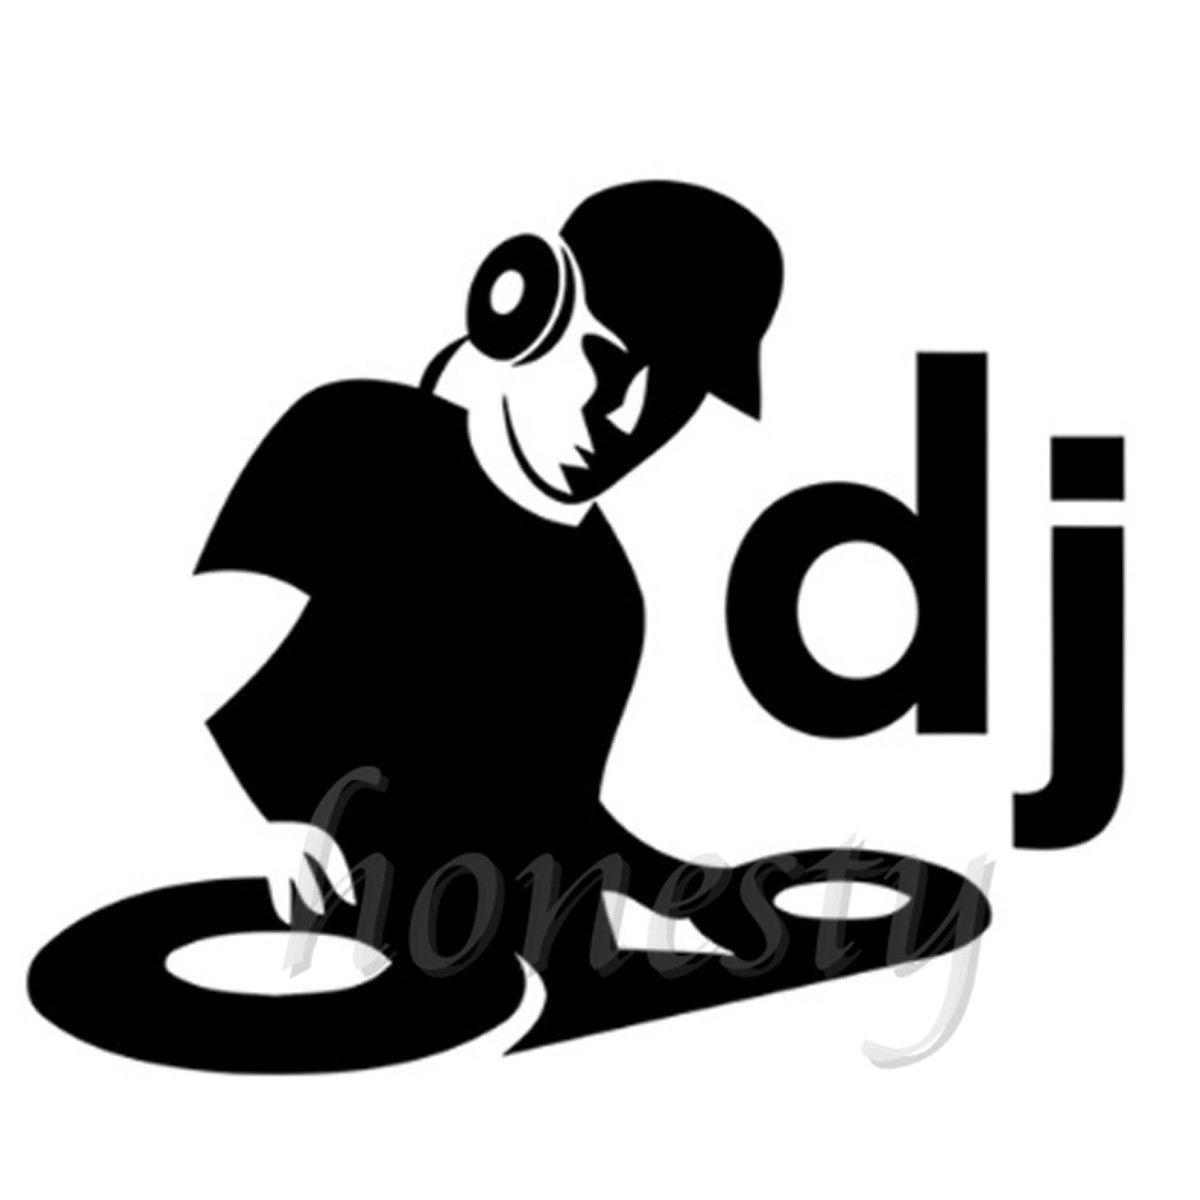 DJ Musique Fenêtre Mur Accueil Porte En Verre Autocollant ...